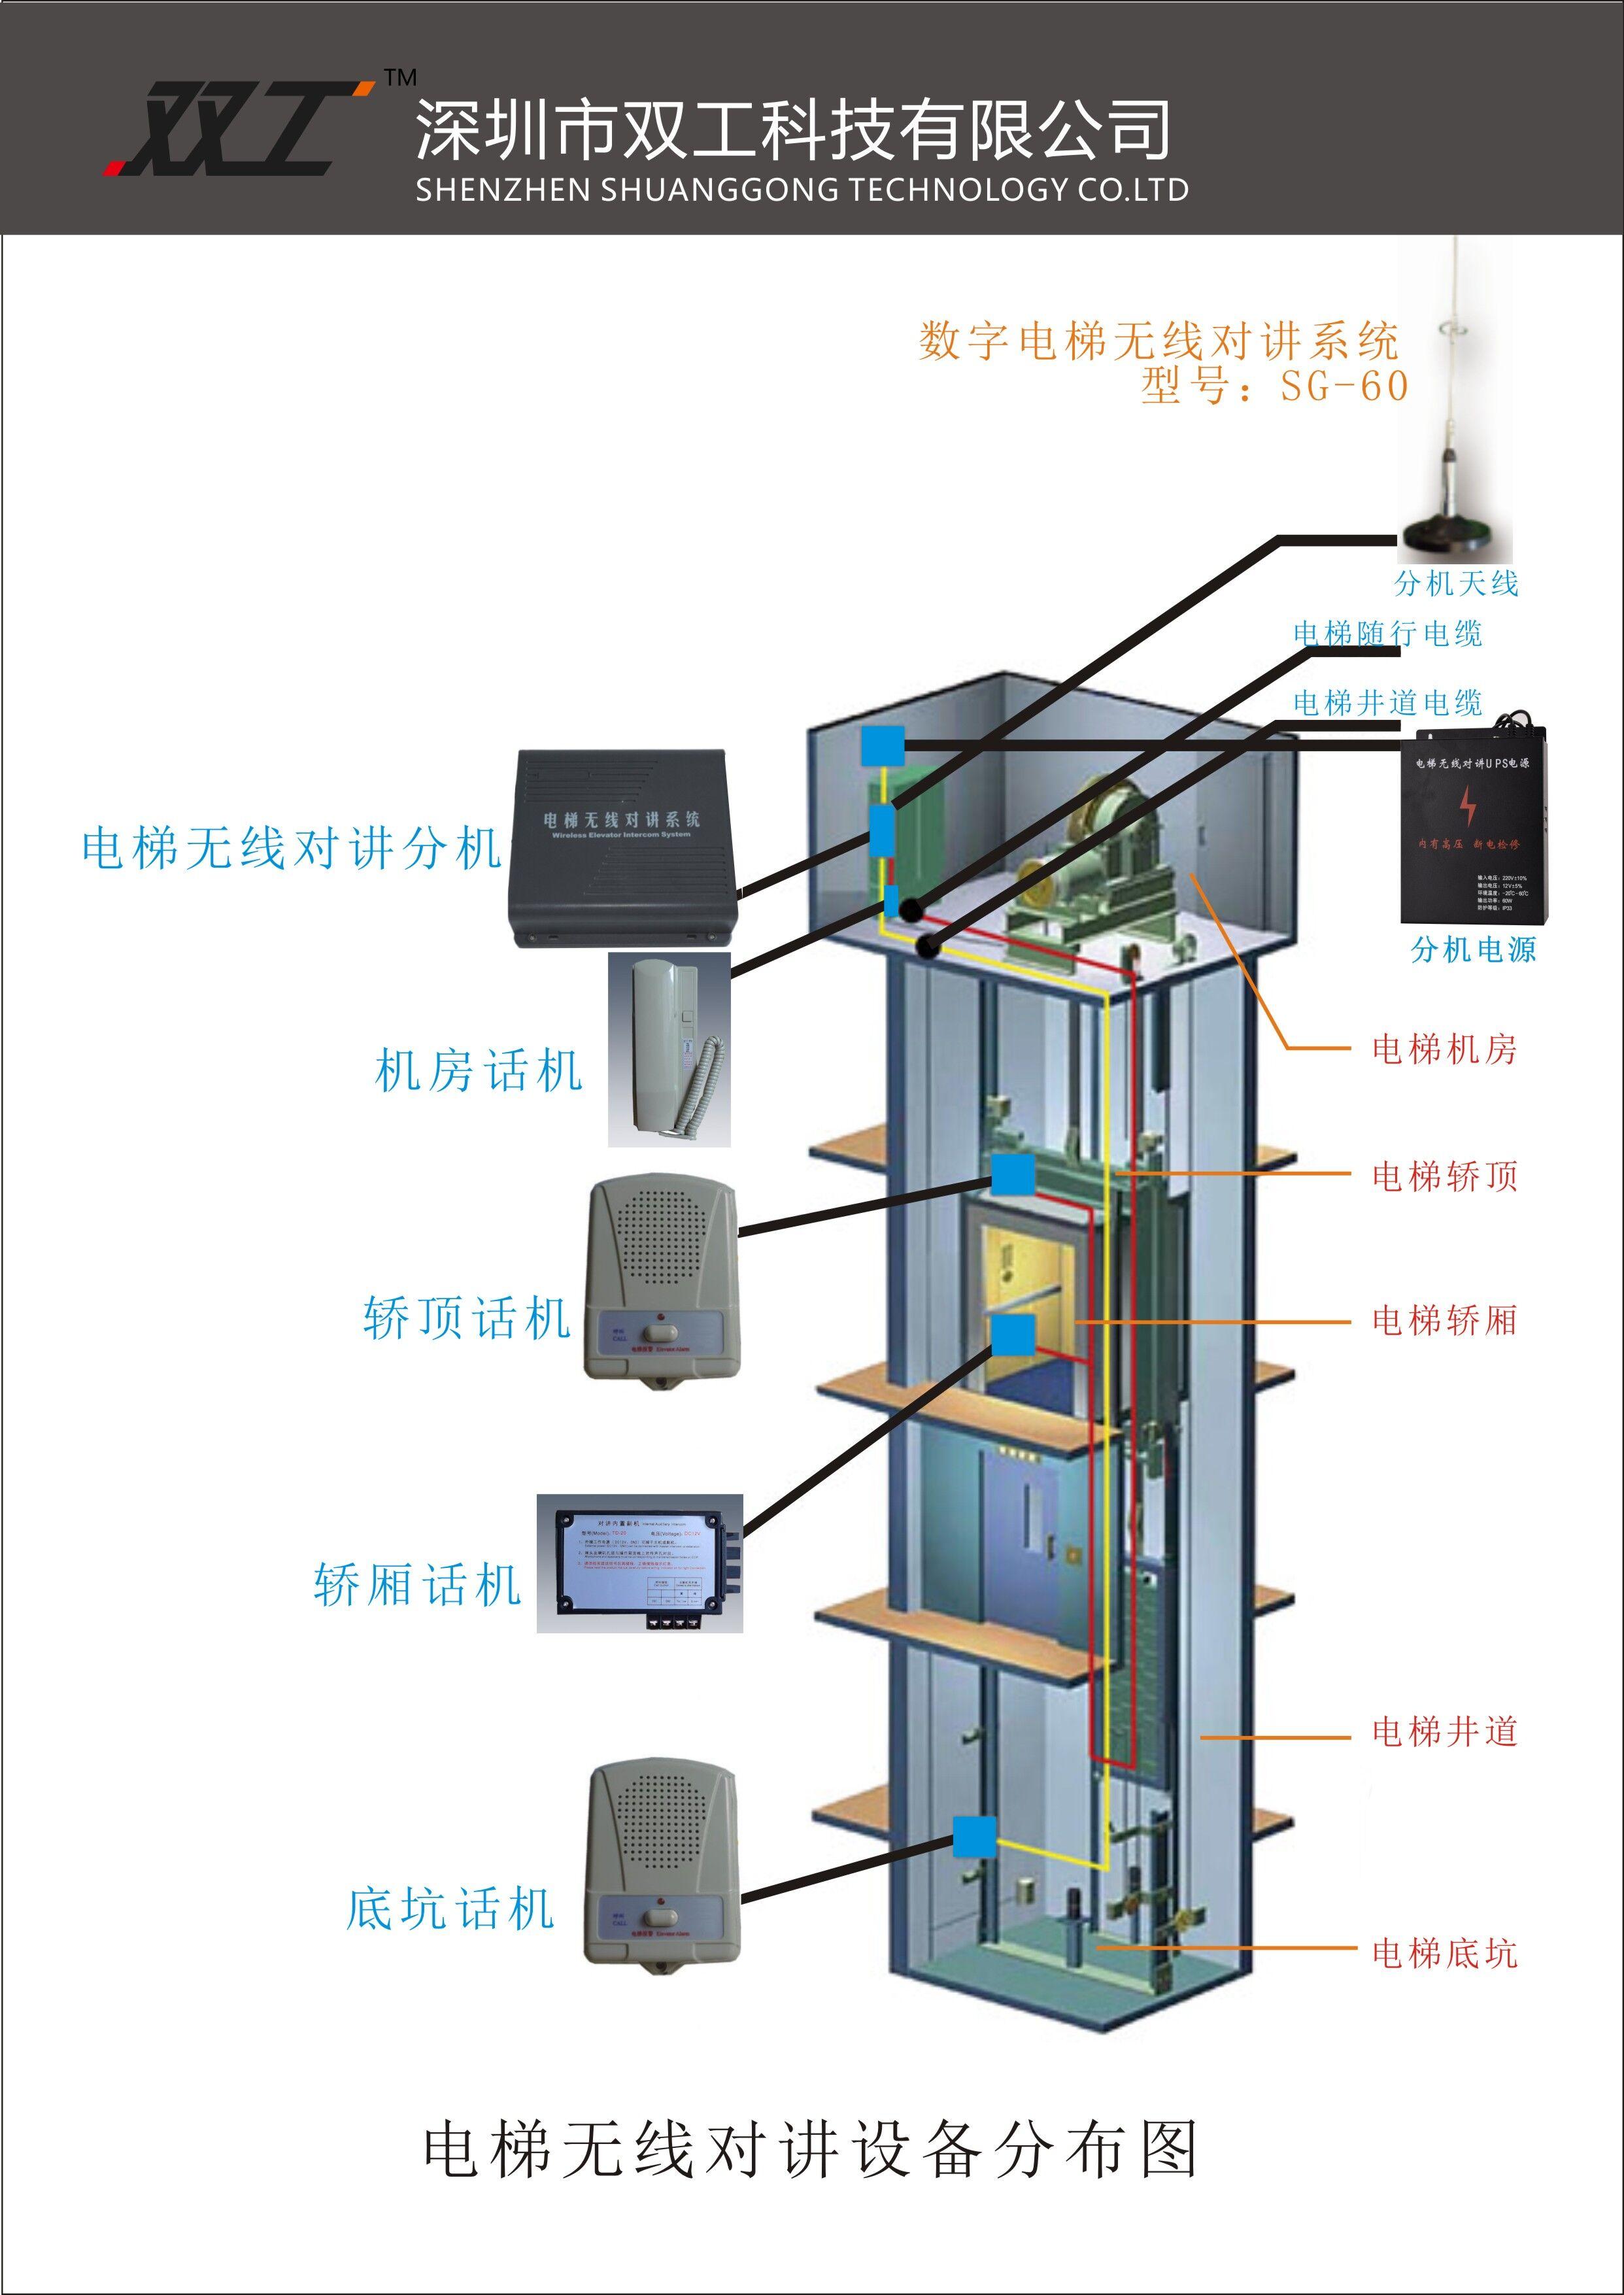 电梯八大系统-你都懂吗?